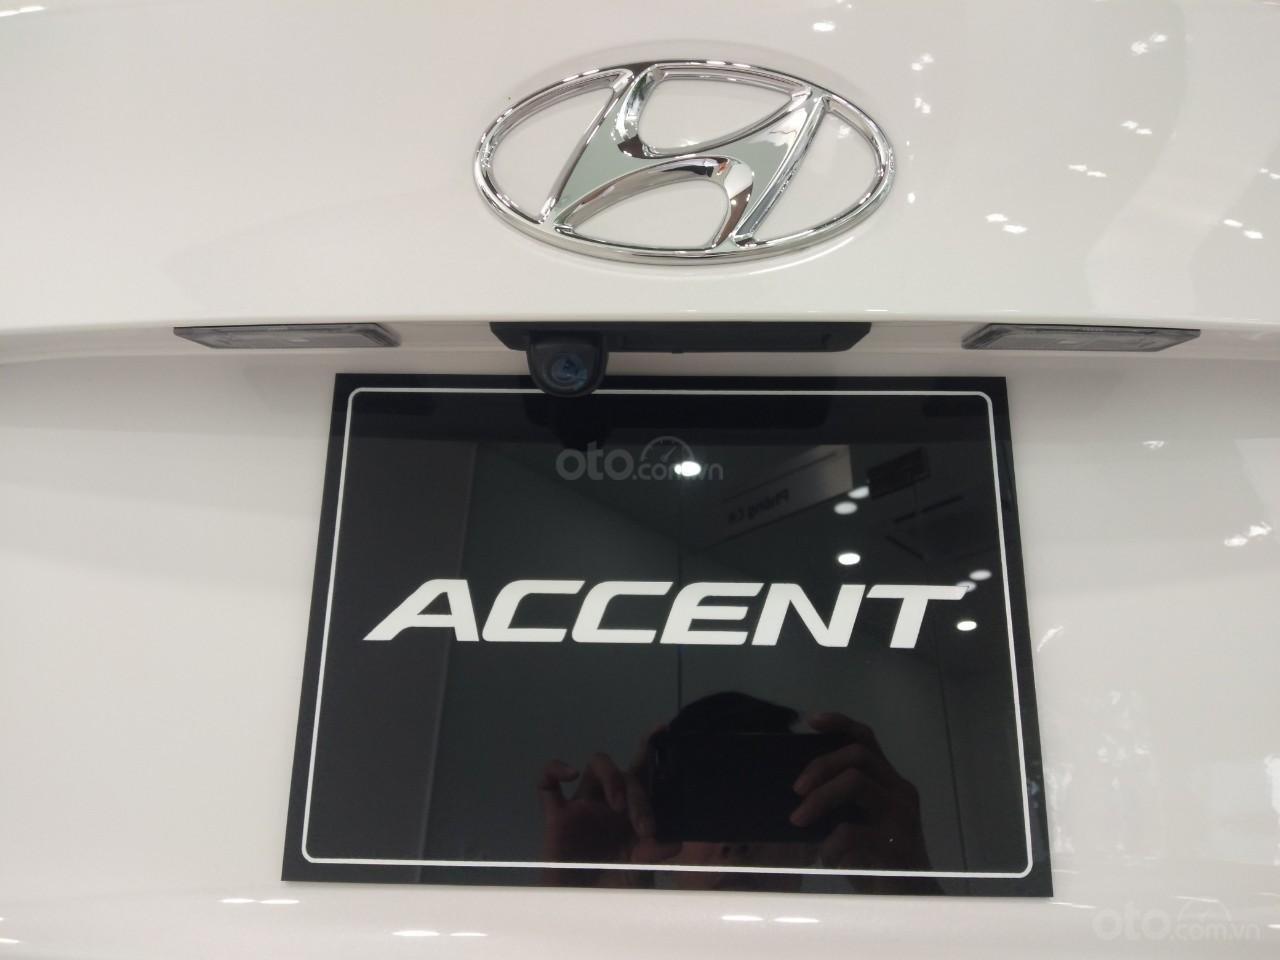 Accent xe giao ngay - xe đầy kho - giá ưu đãi - hỗ trợ nợ xấu - hỗ trợ 80 - 85% - lãi suất chỉ từ 0.68% (12)